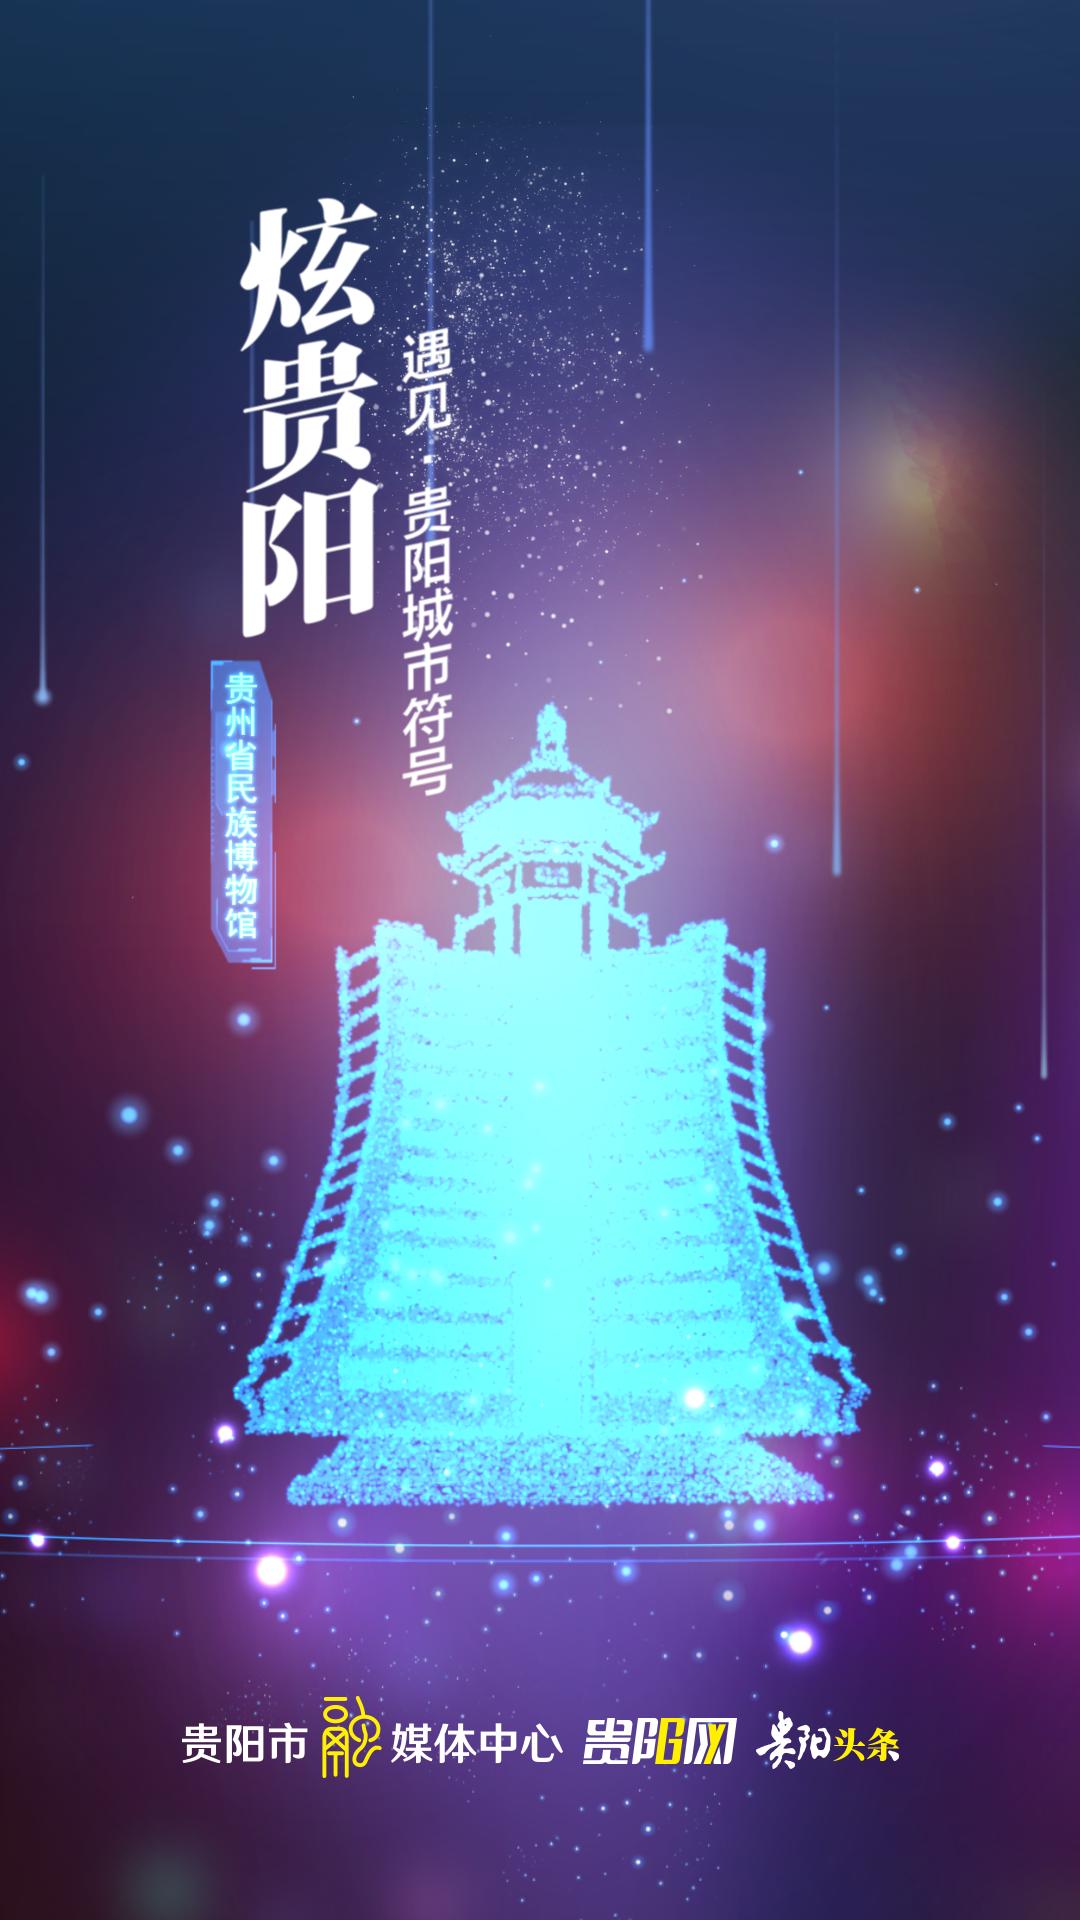 炫贵阳·遇见贵阳城市符号⑧丨贵州省民族博物馆